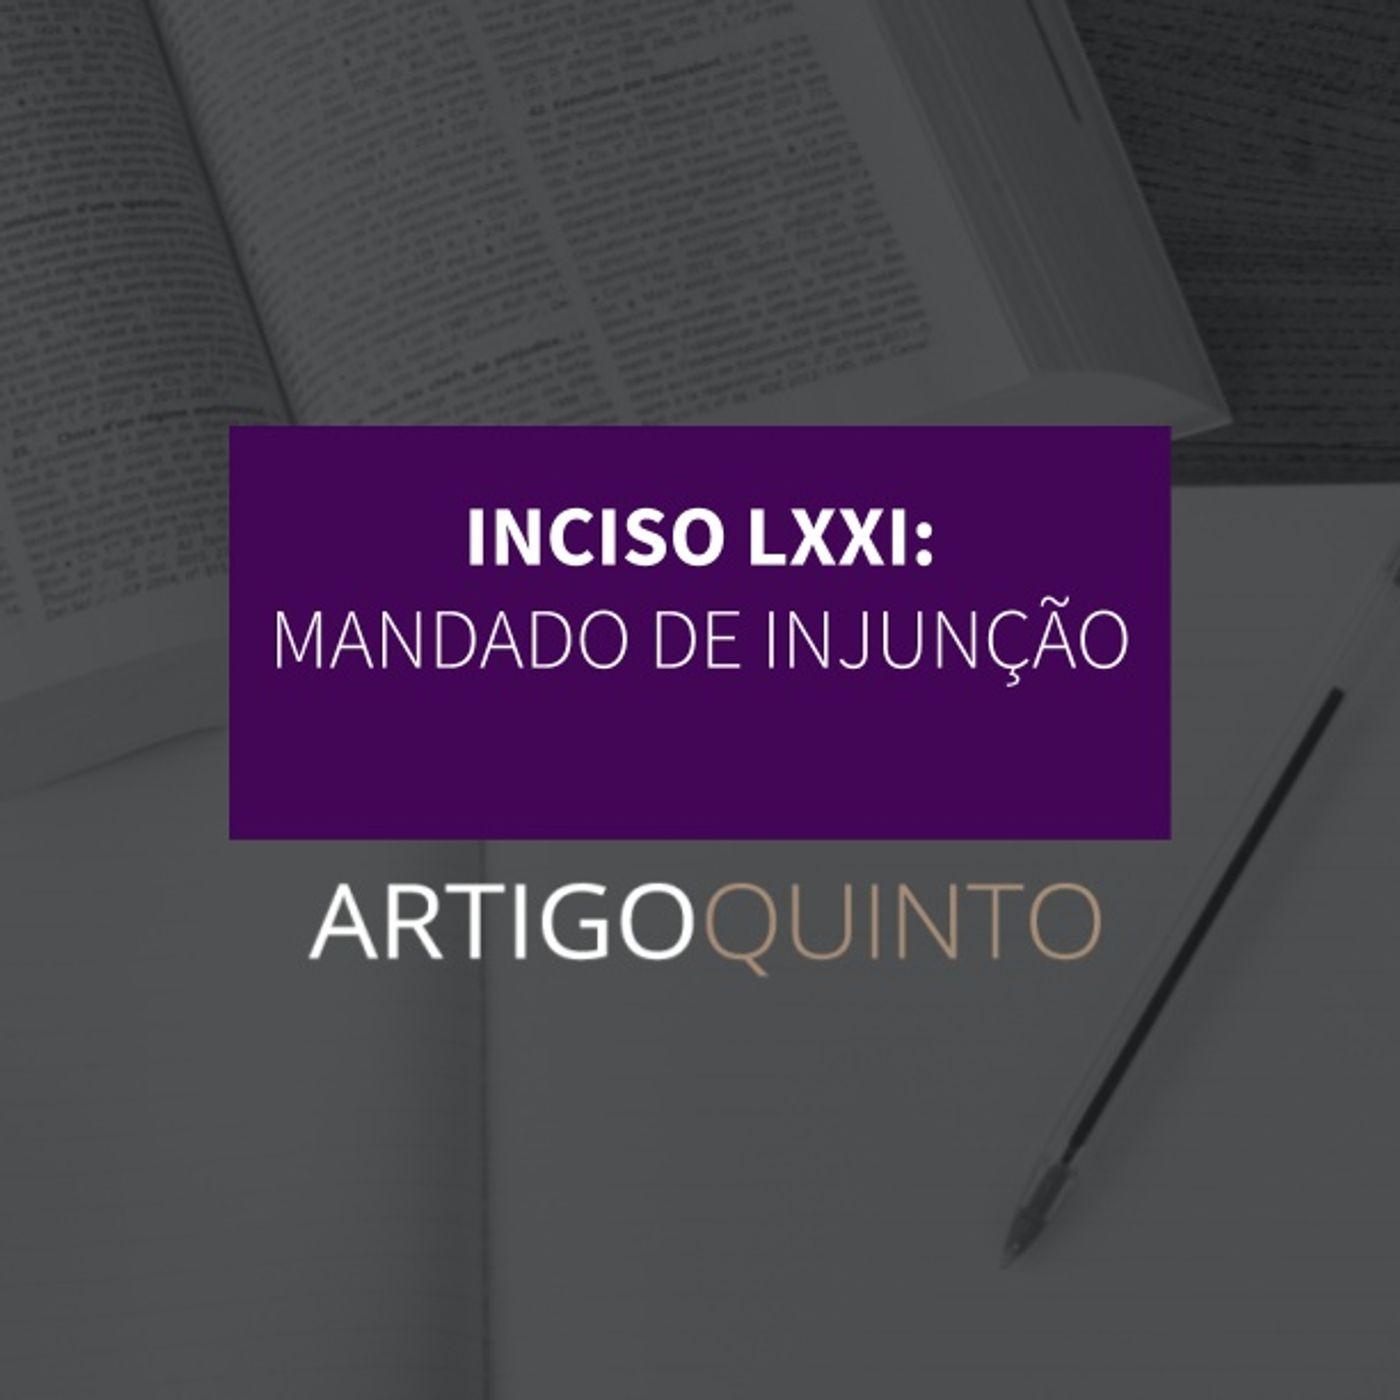 Inciso LXXI - Mandado de injunção